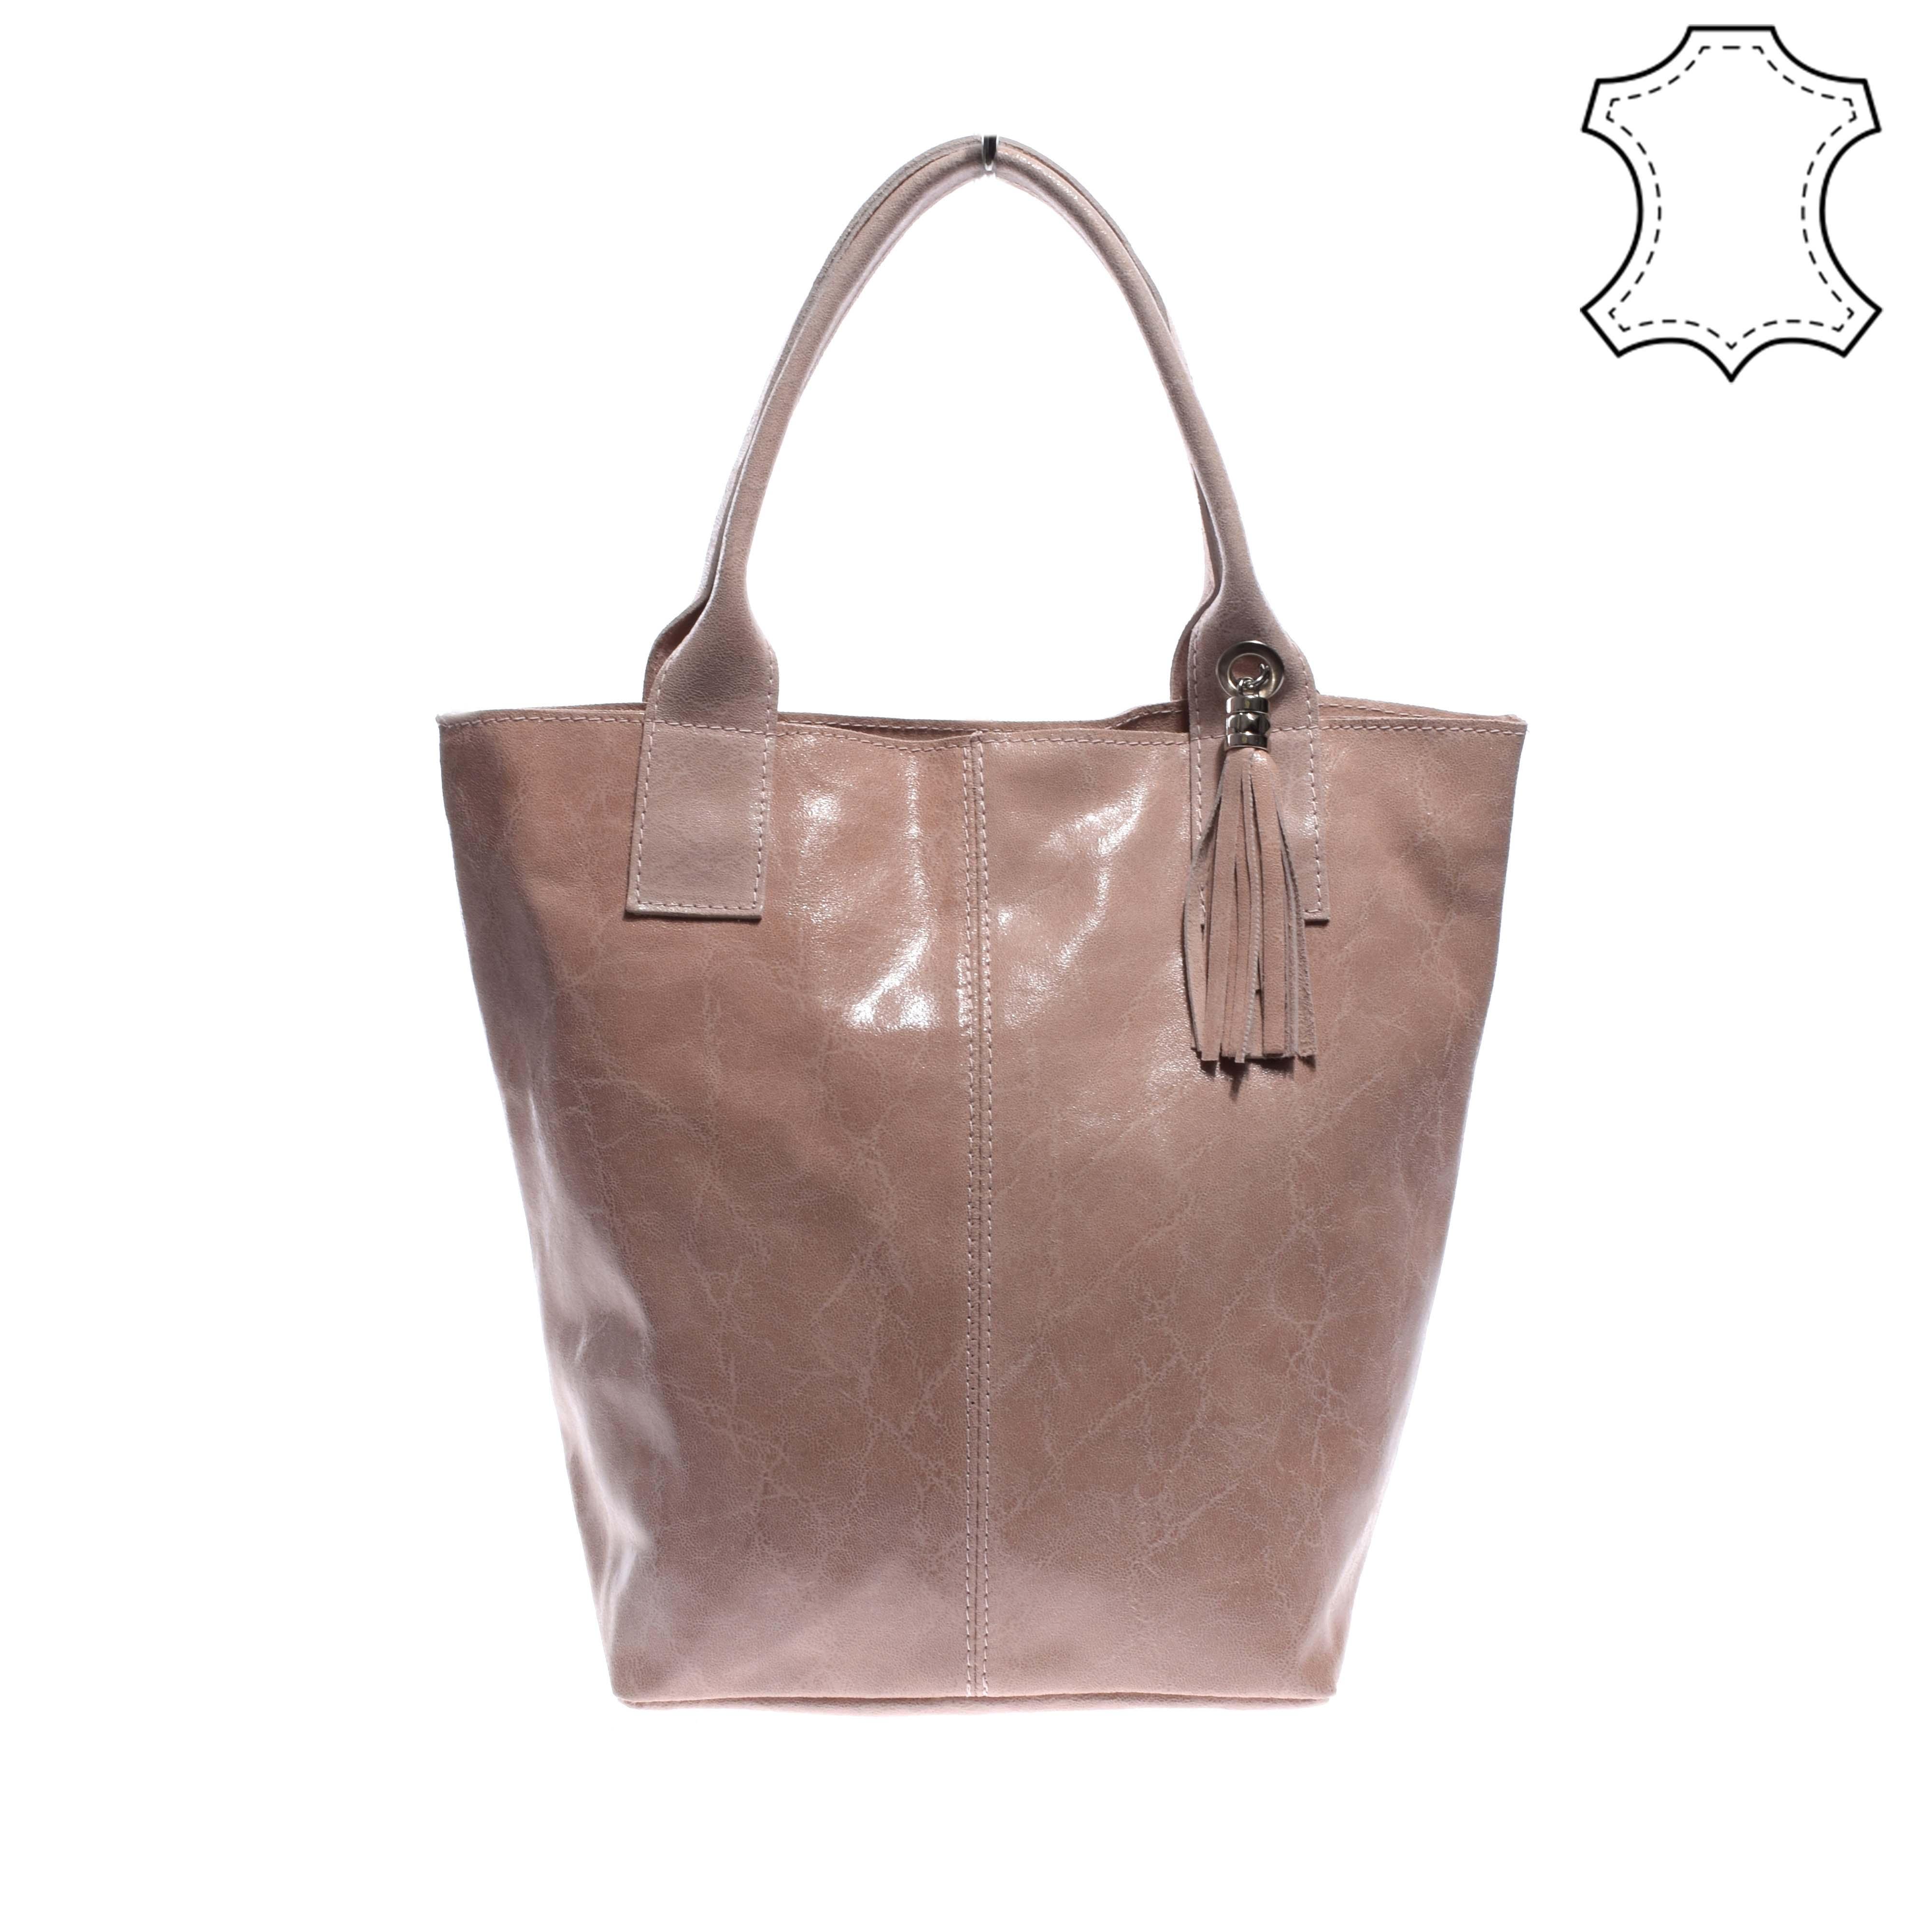 Női rózsaszín lakkozott valódibőr válltáska - VALÓDI BŐRTÁSKÁK - Táska  webáruház - Minőségi táskák mindenkinek 979856ca48